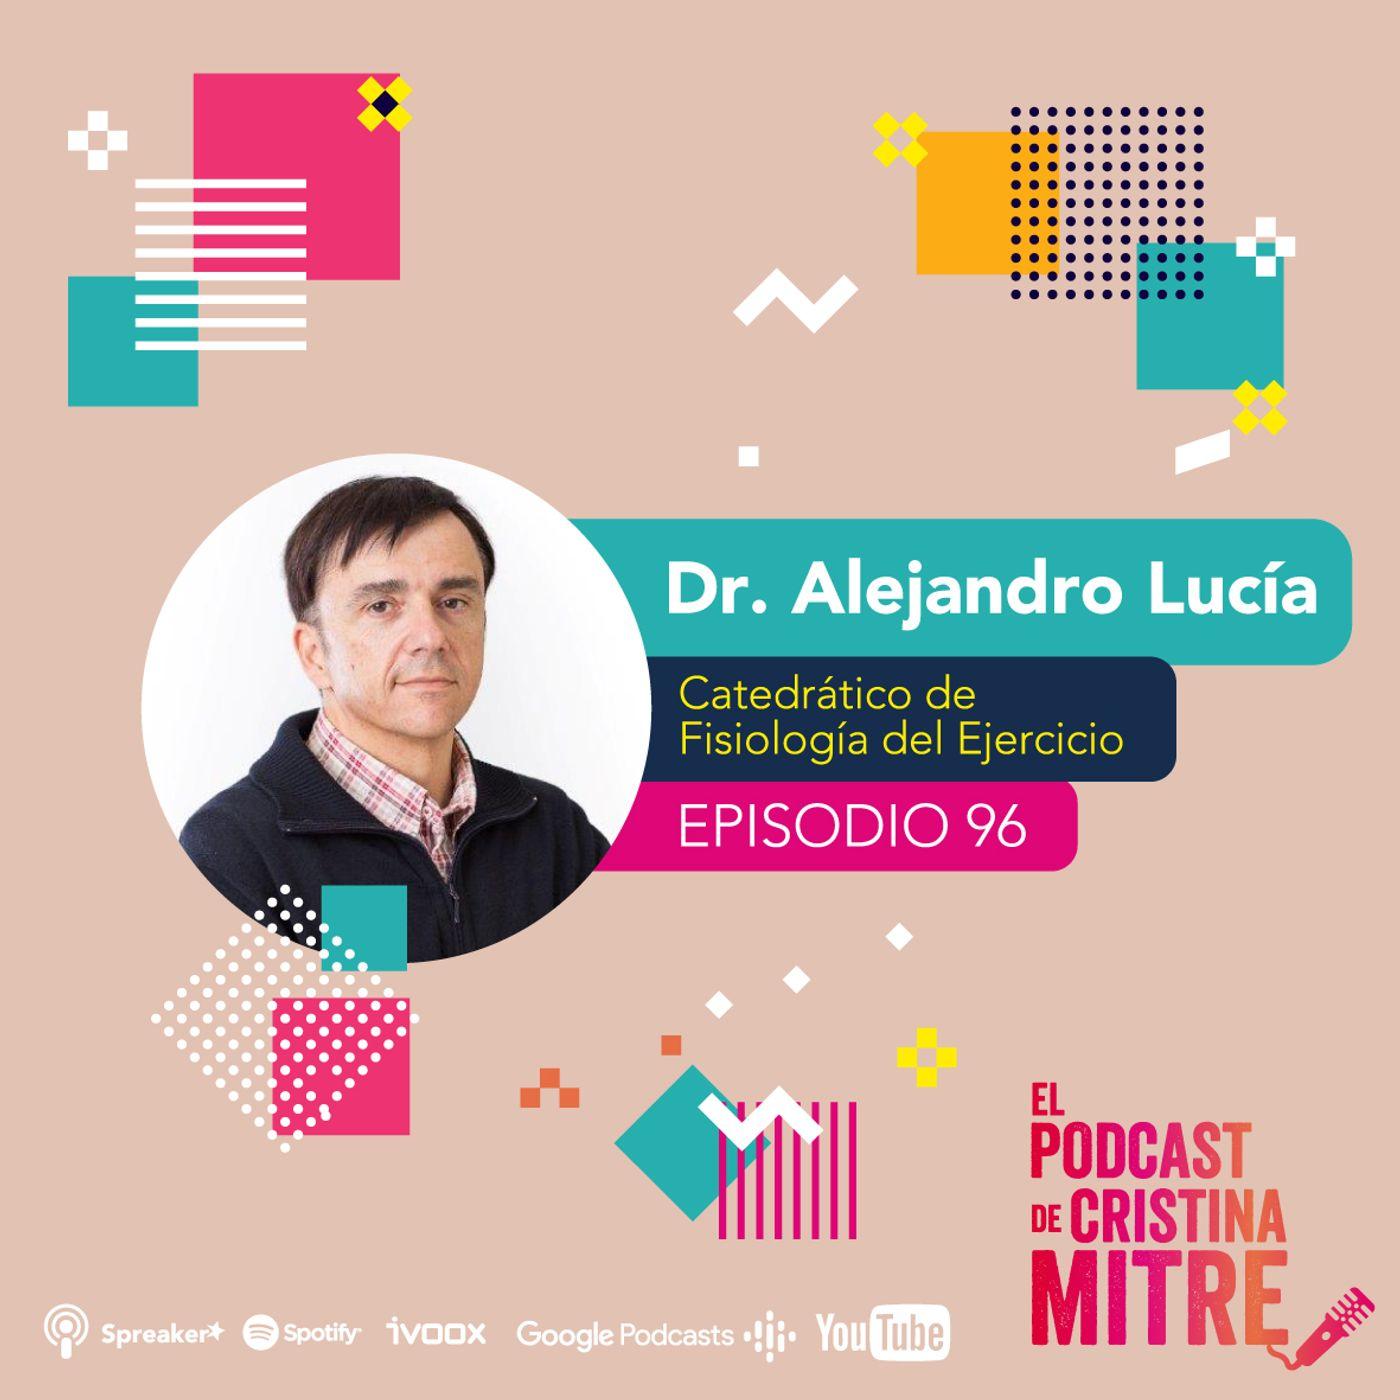 Si el ejercicio fuese una pastilla se prescribiría a todo el mundo con el Dr. Alejandro Lucía